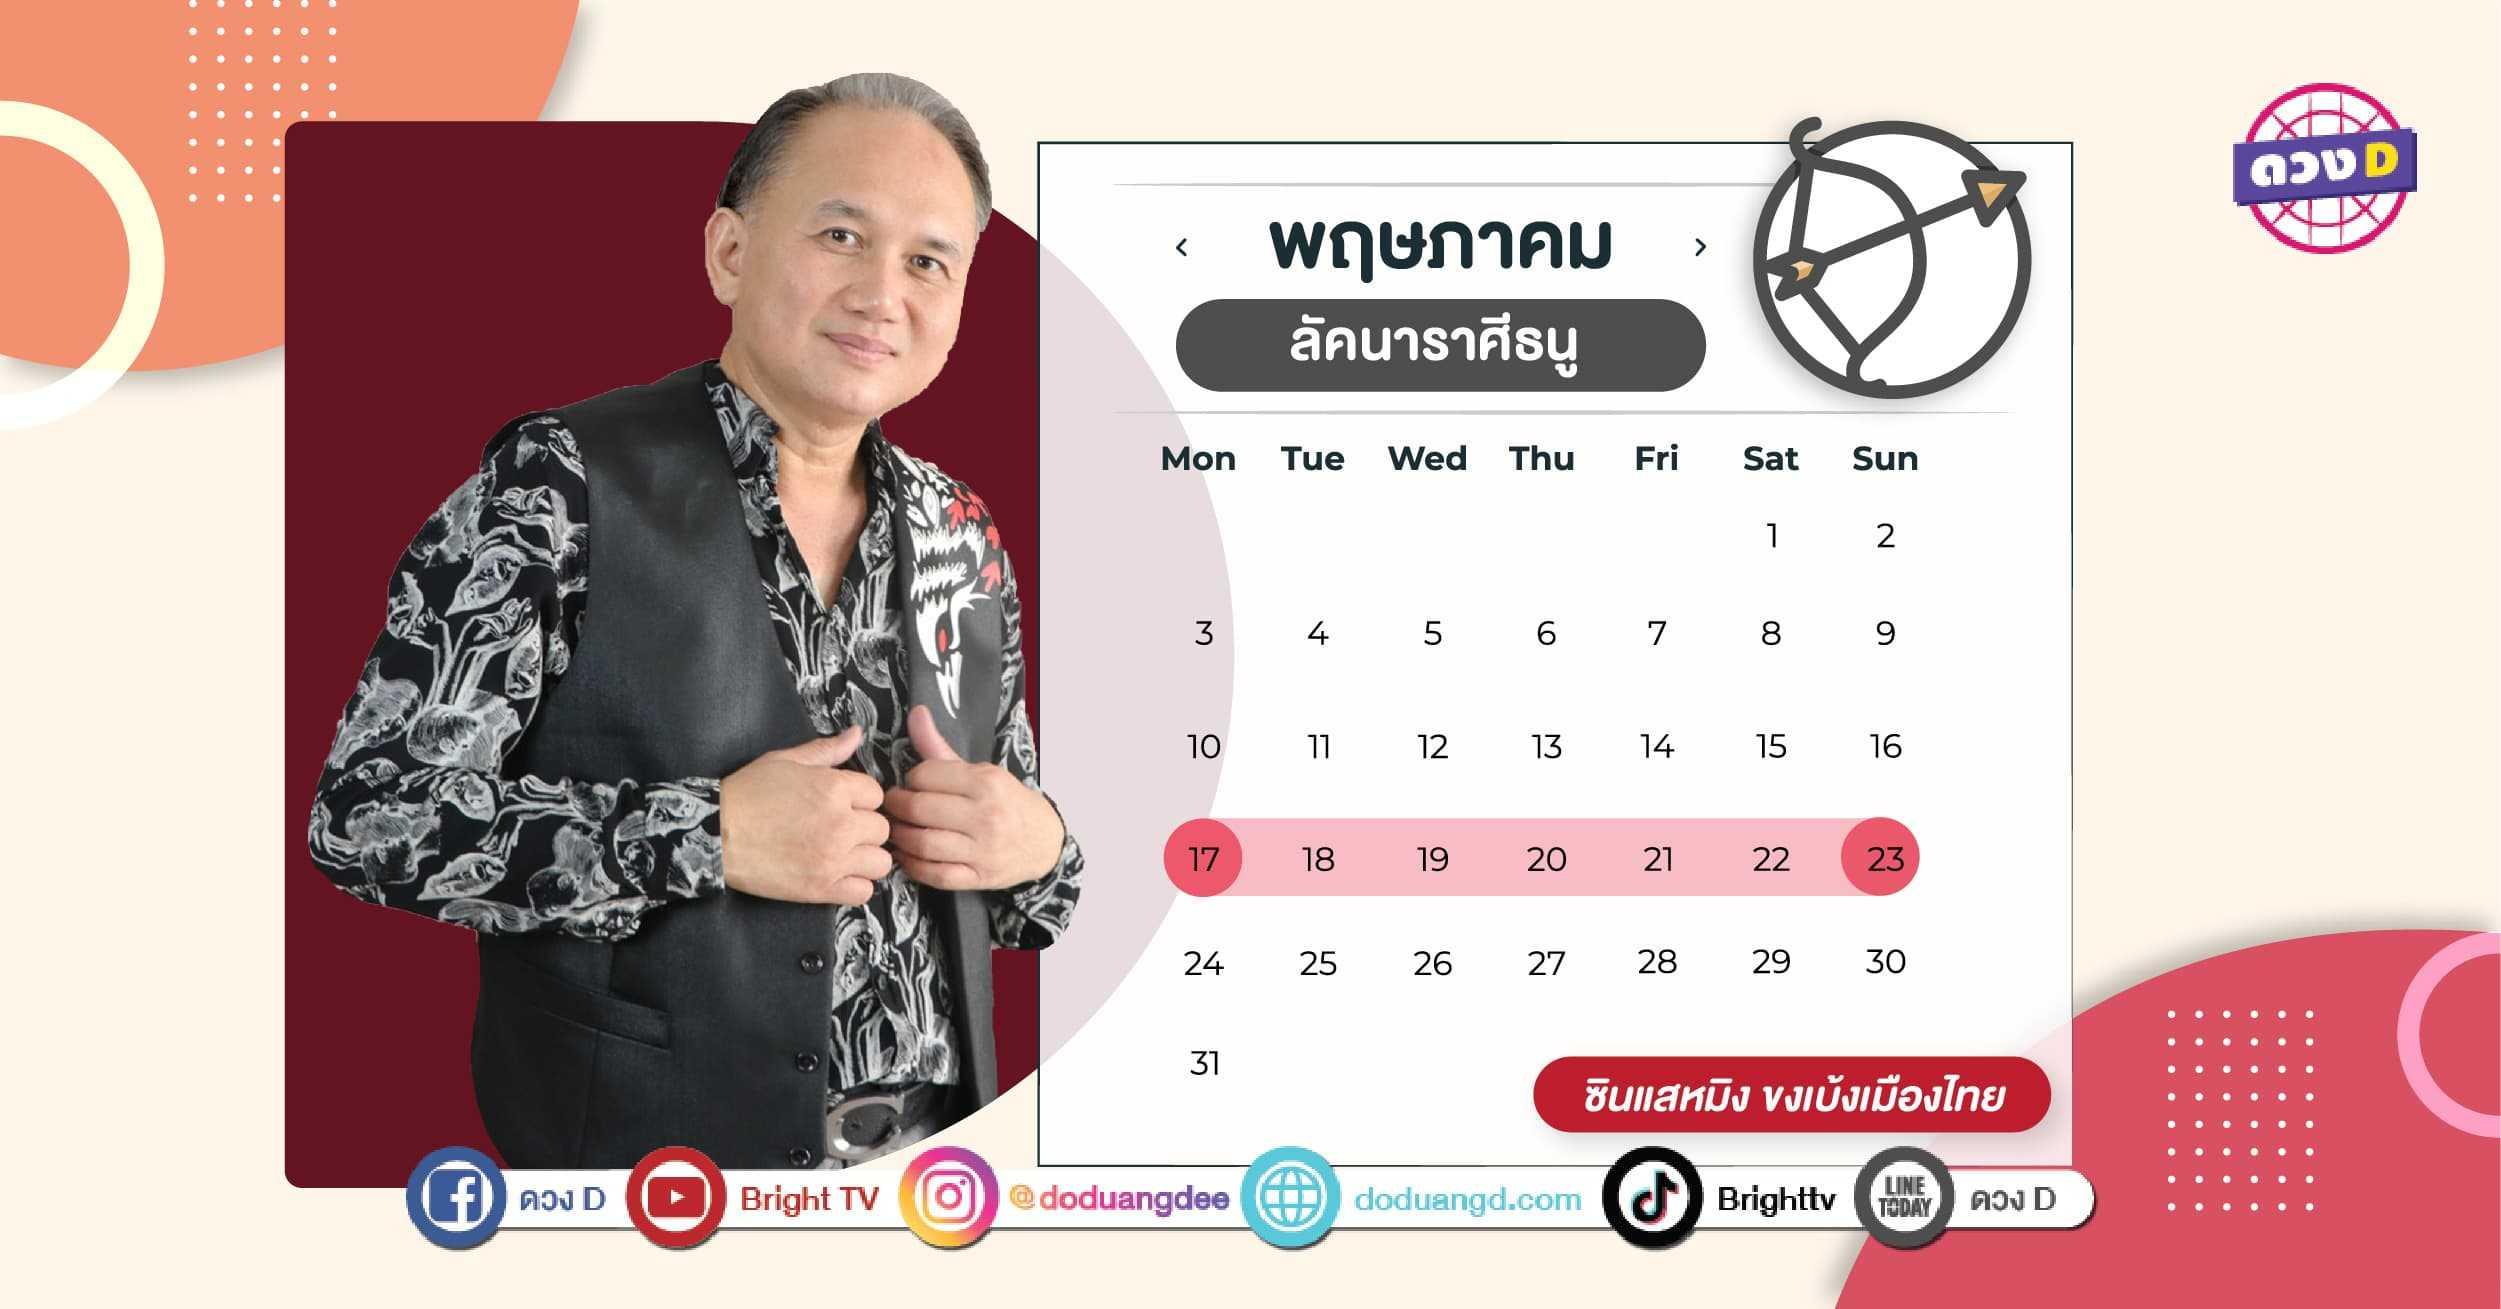 """(ลัคนาราศีธนู) """"ซินแสหมิง"""" ทำนายดวงชะตารายสัปดาห์ ประจำวันที่ 17-23 พฤษภาคม 2564"""